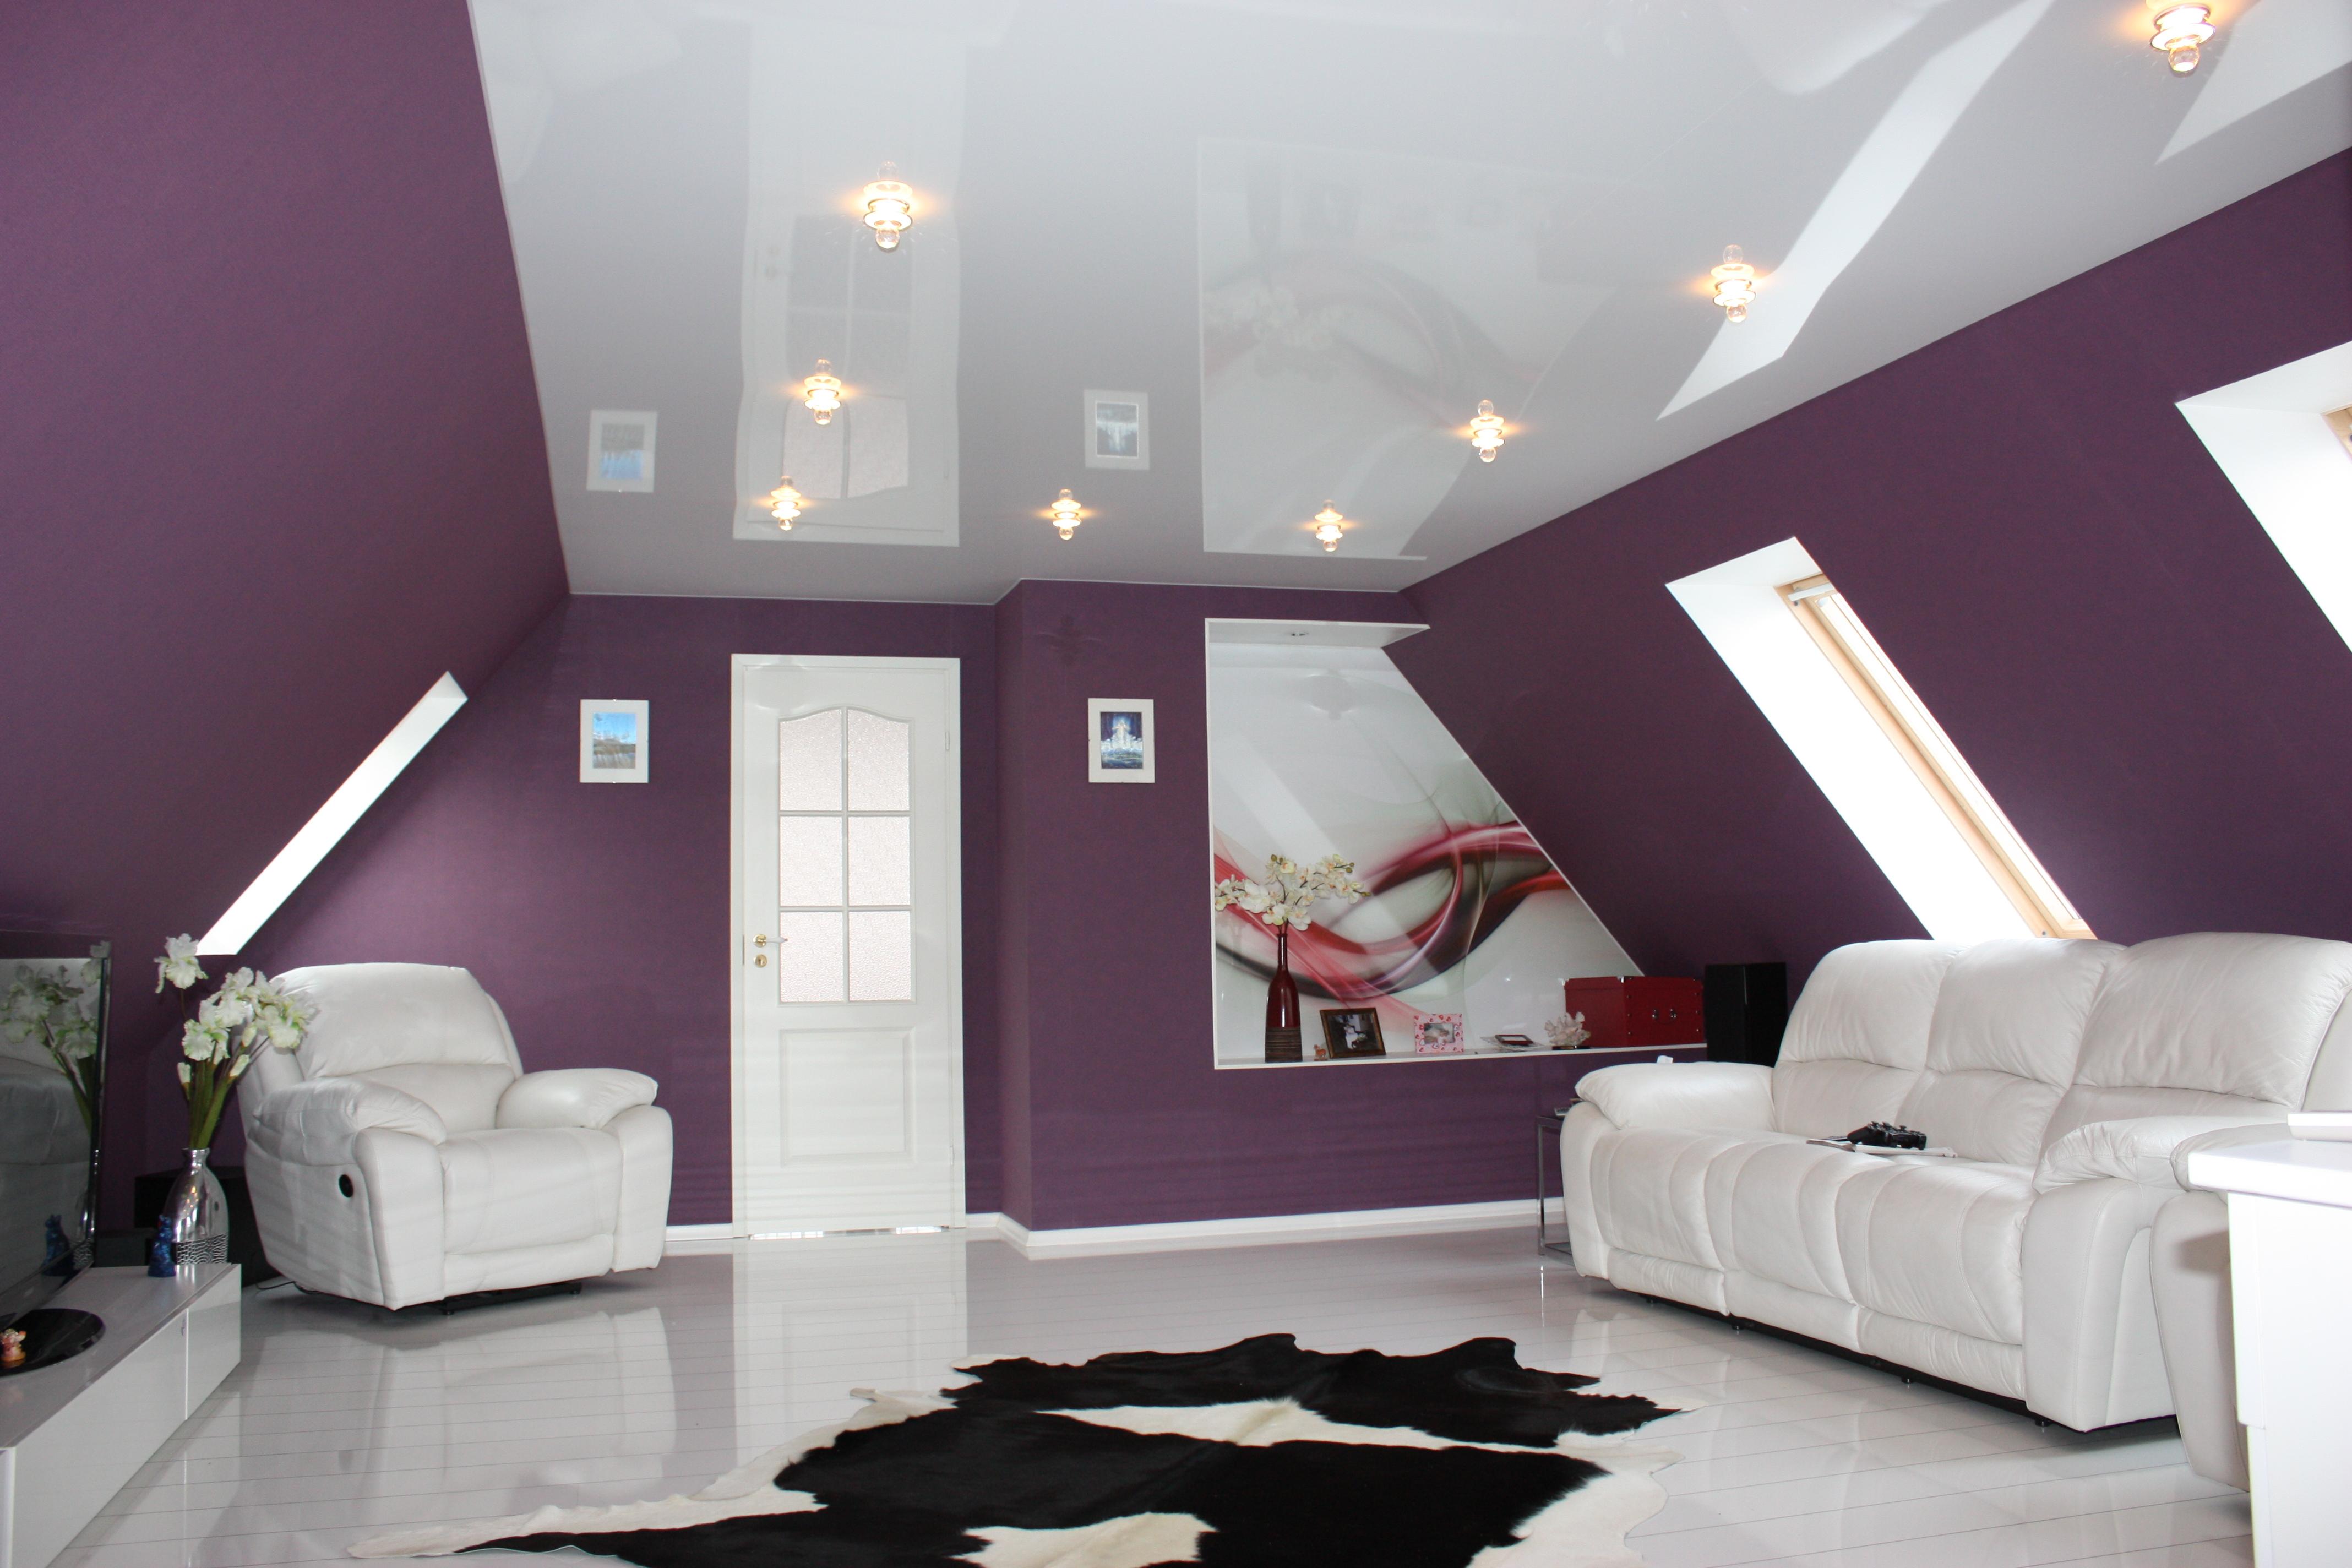 wohnzimmer sealdex spanndecken. Black Bedroom Furniture Sets. Home Design Ideas